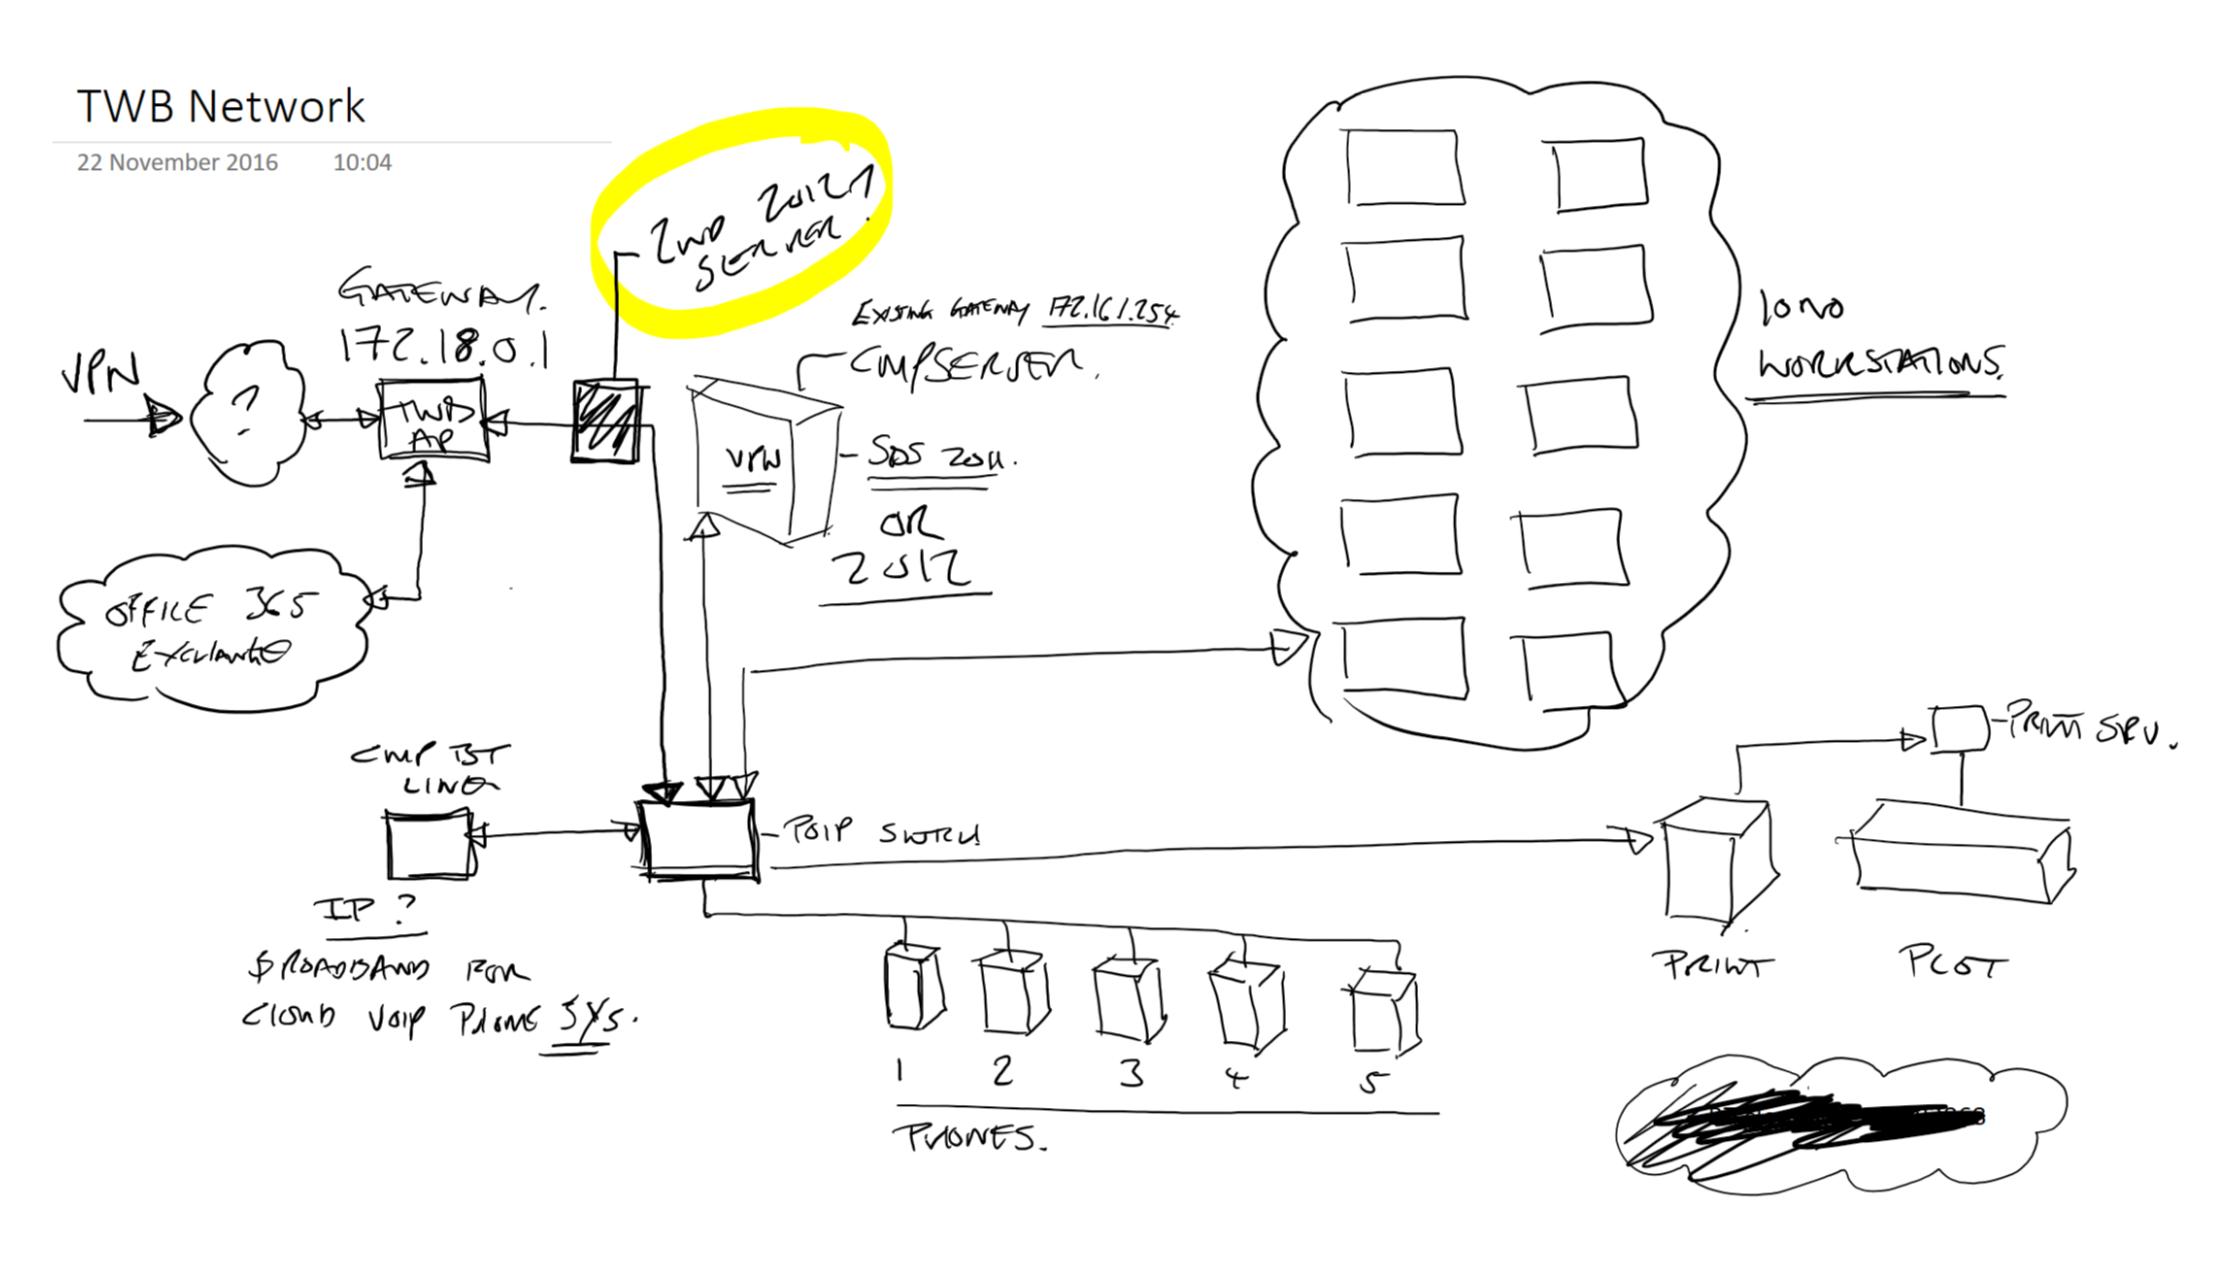 Sbs 2011 Wireless Nic Dynamic Vpn Diagram Network Sketch